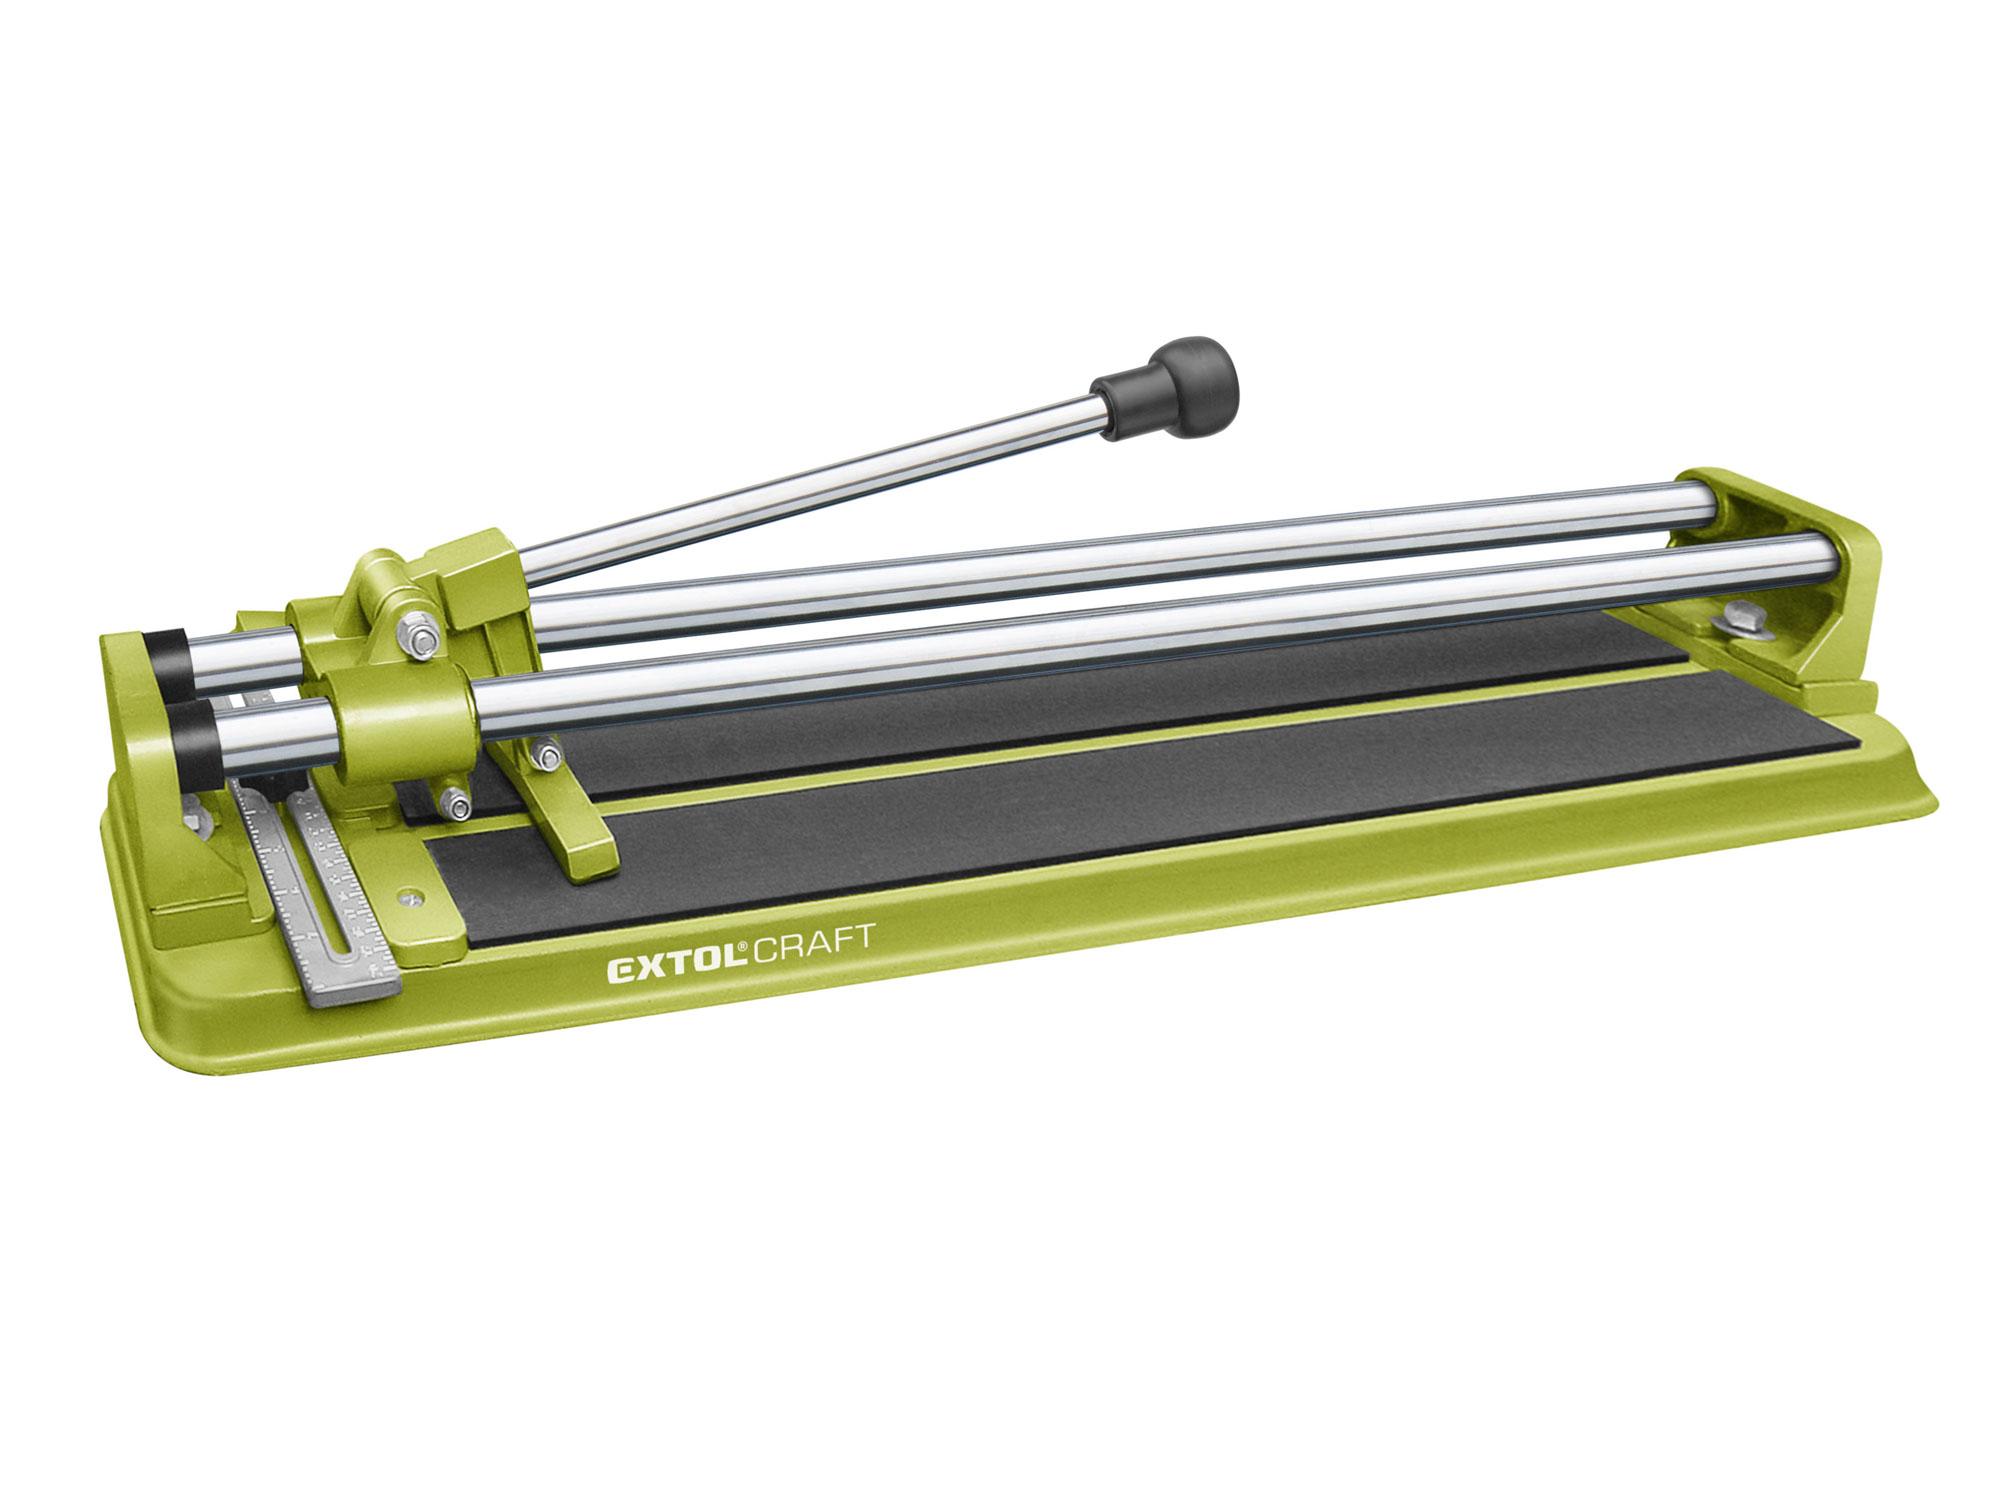 Řezačka obkladaček 600mm, ložiskové uložení, 600mm EXTOL CRAFT 100610